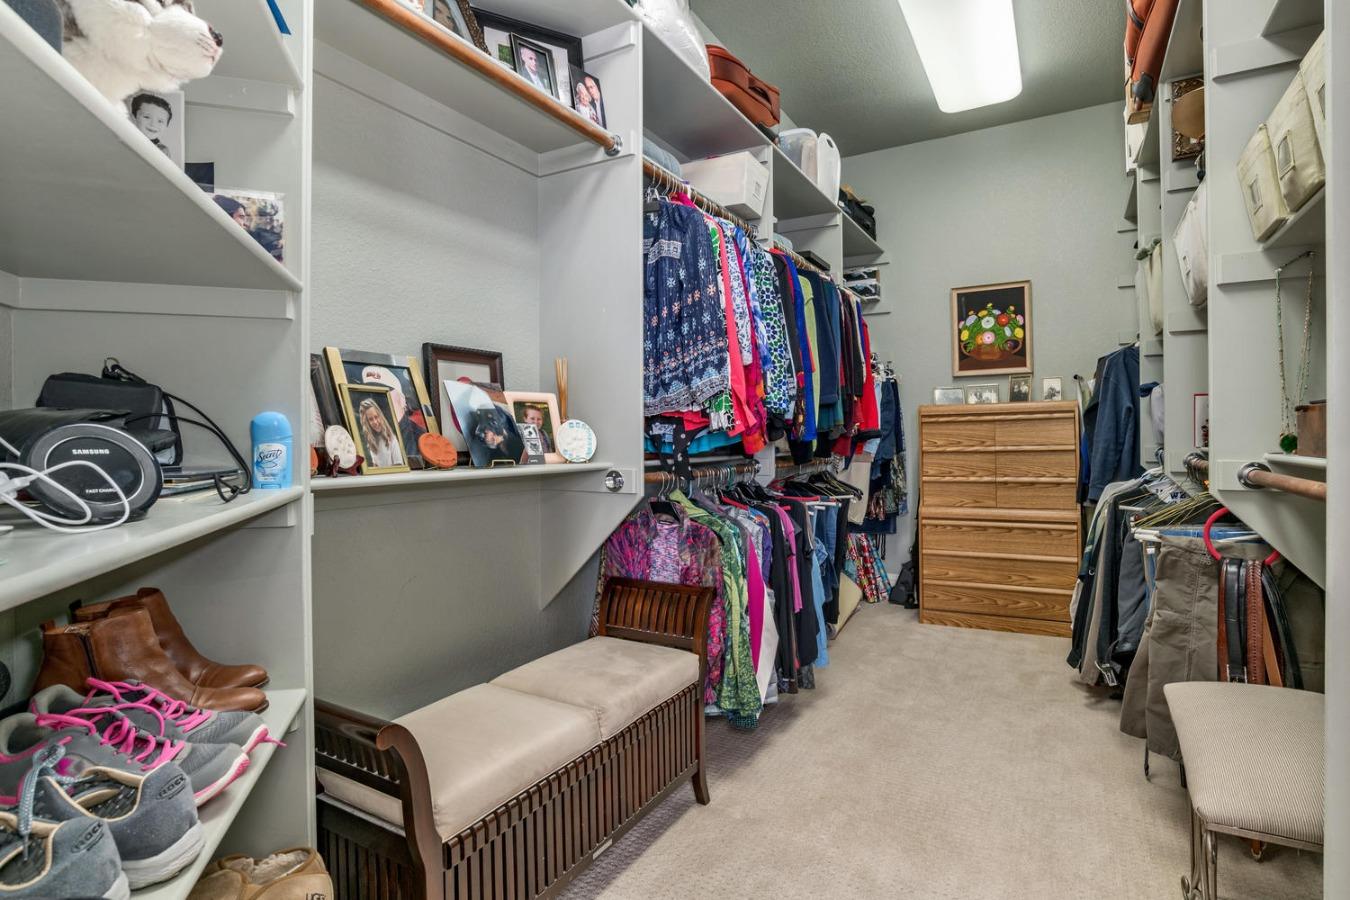 Her Dream Walk-in Closet is Huge - 14 x 9